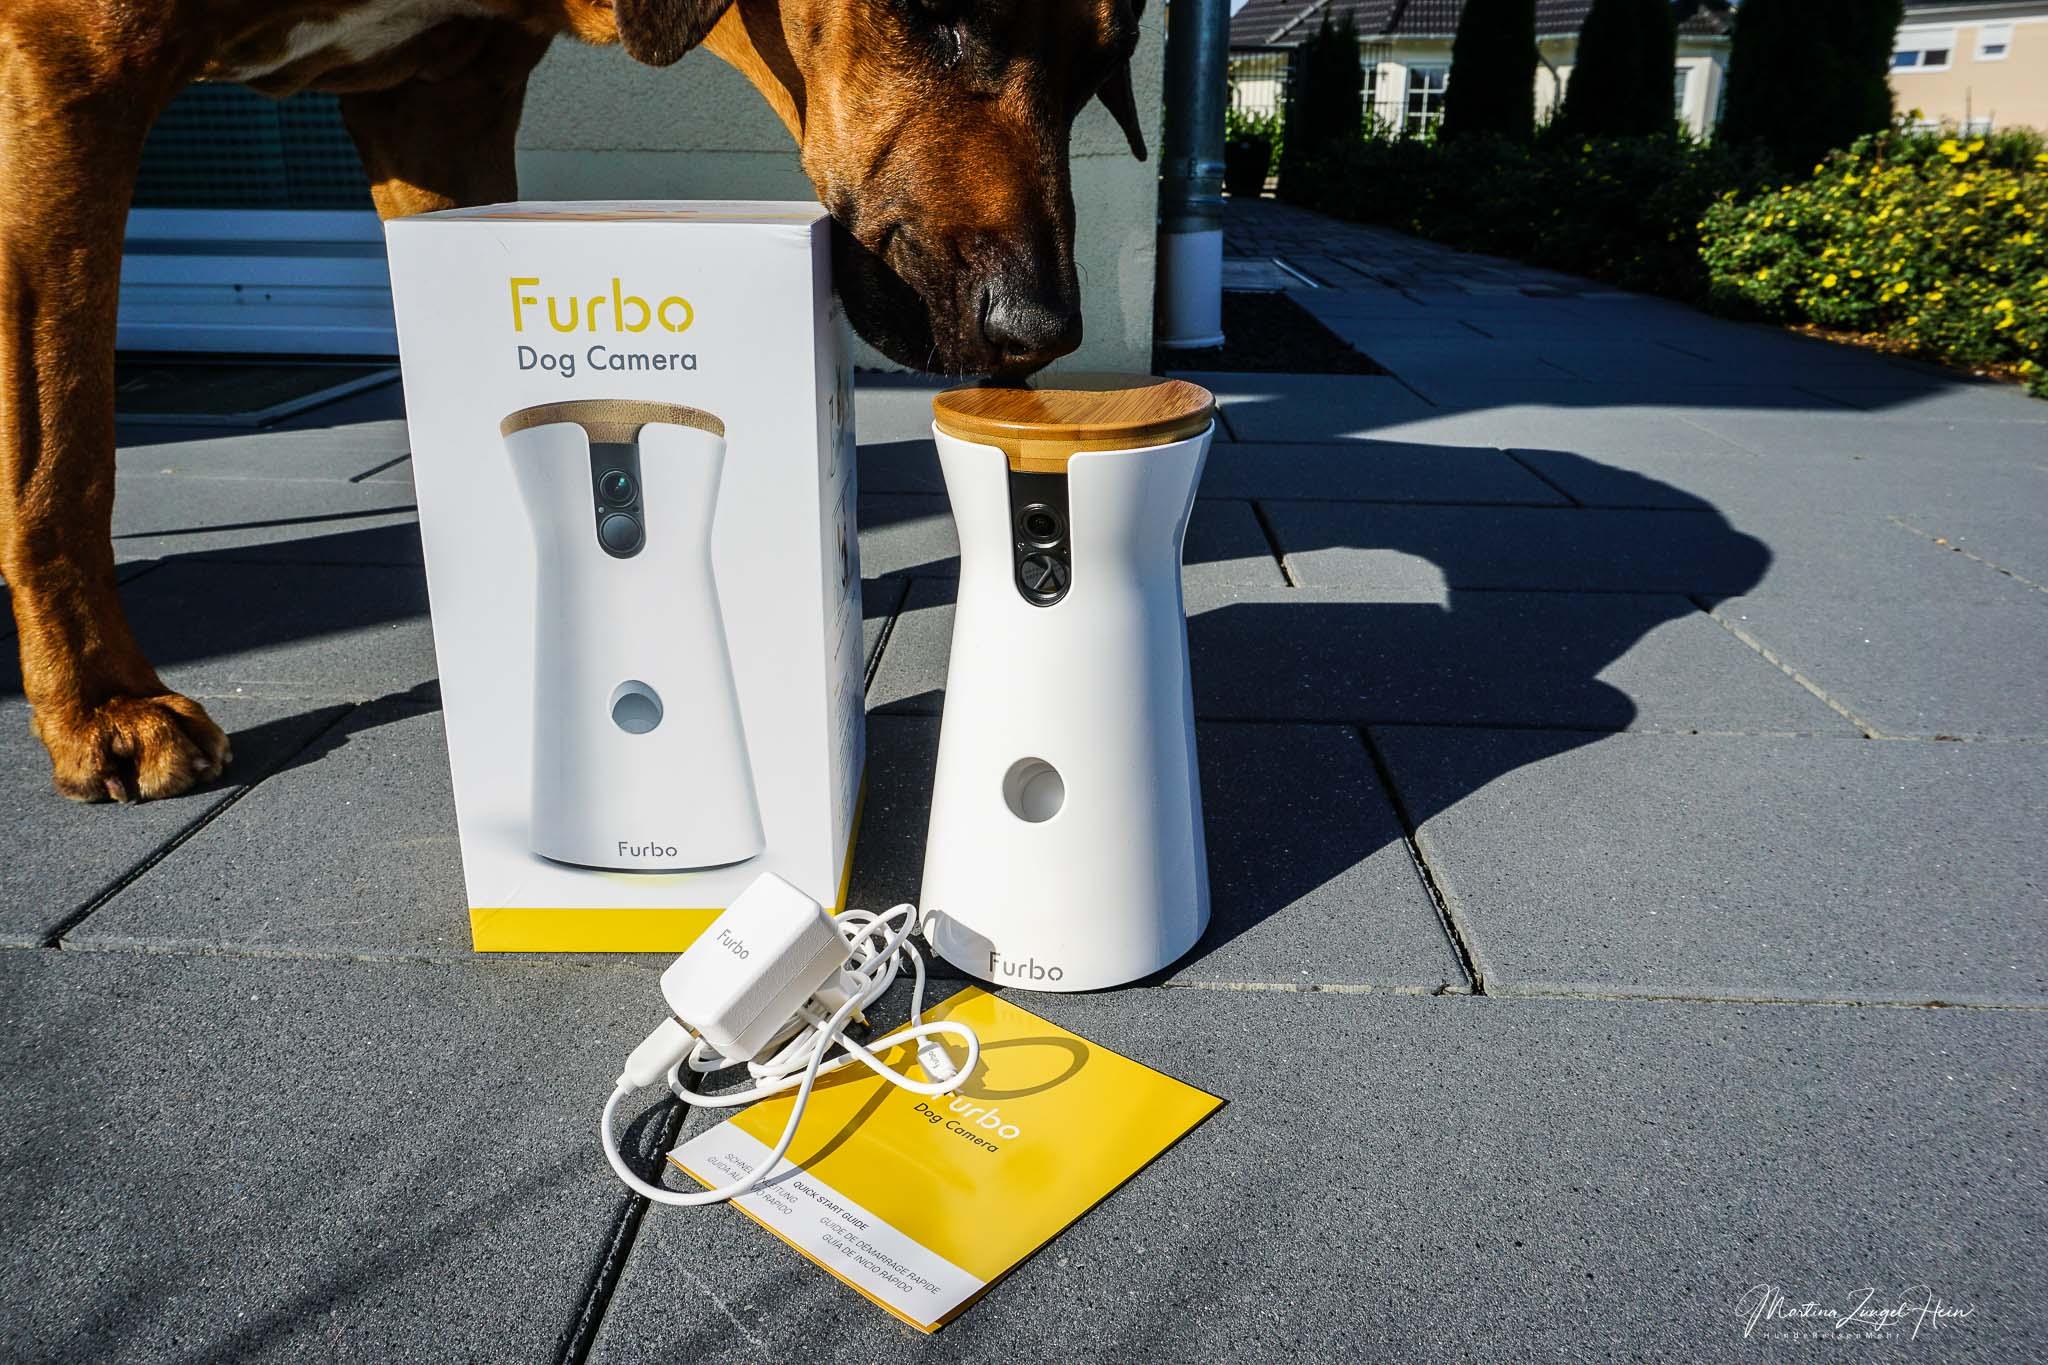 Die Furbo Hundekamera - das ideale Last-Minute-Geschenk zu Weihnachten